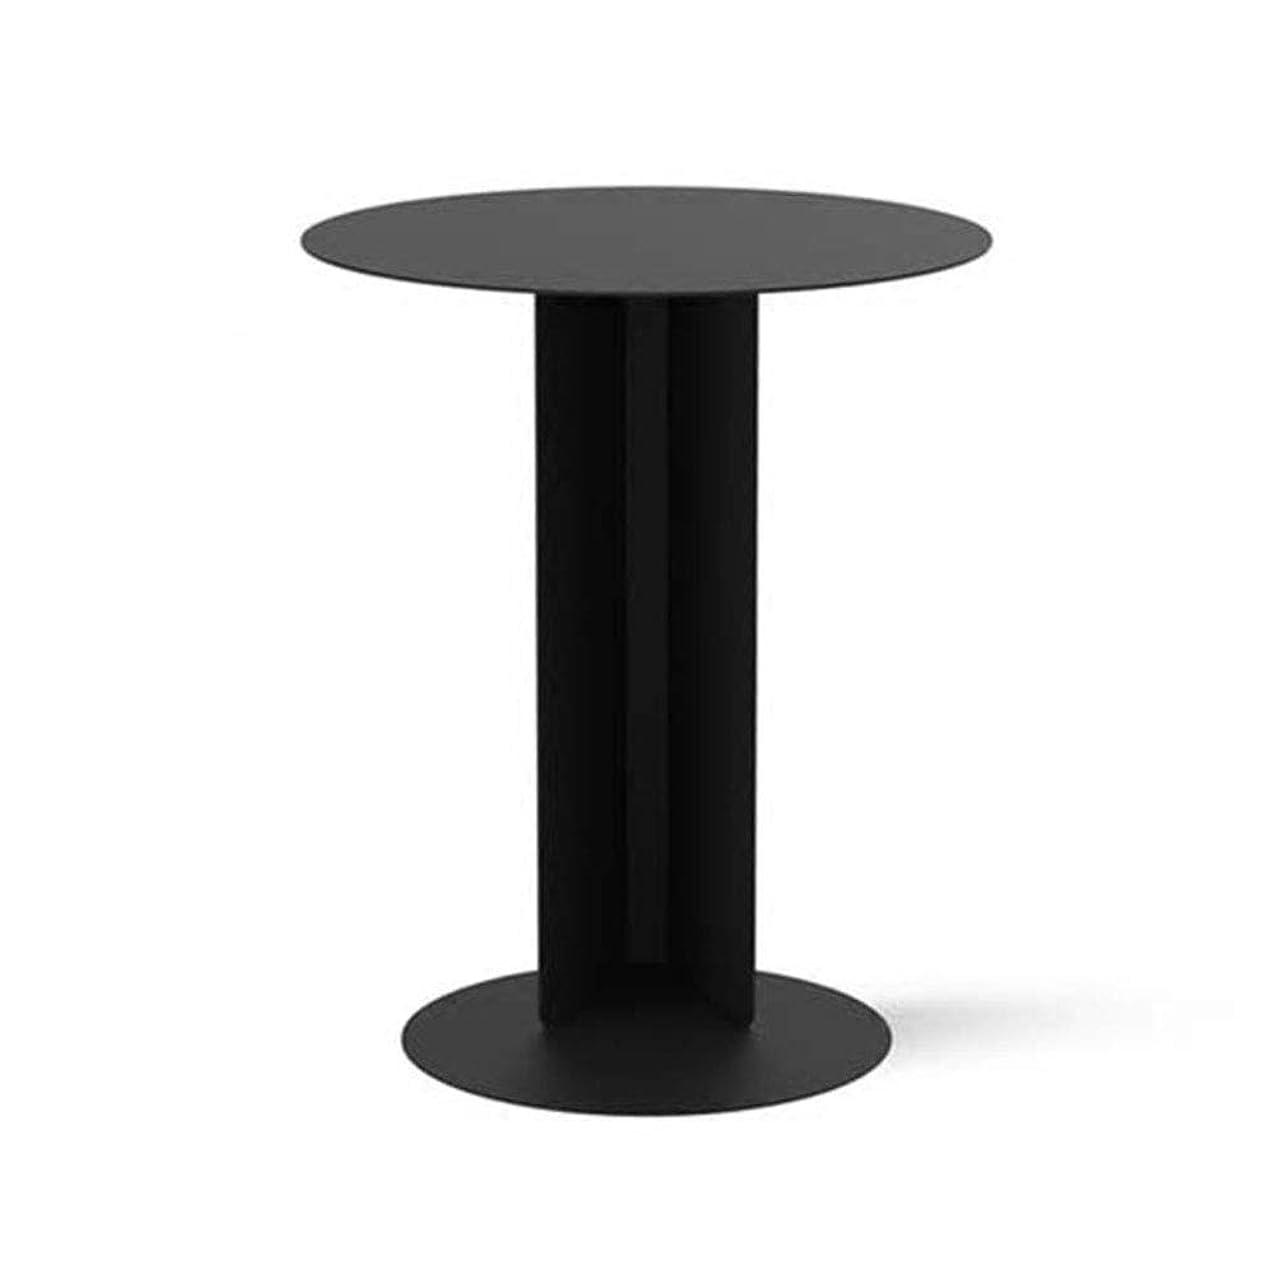 生じる忠実にポゴスティックジャンプブラックコーヒーテーブルモダンな幾何学模様錬鉄製サイド小さなラウンドテーブル用リビングルーム/ベッドルーム/書斎ソファサイドテーブル - 15.7x19.7in